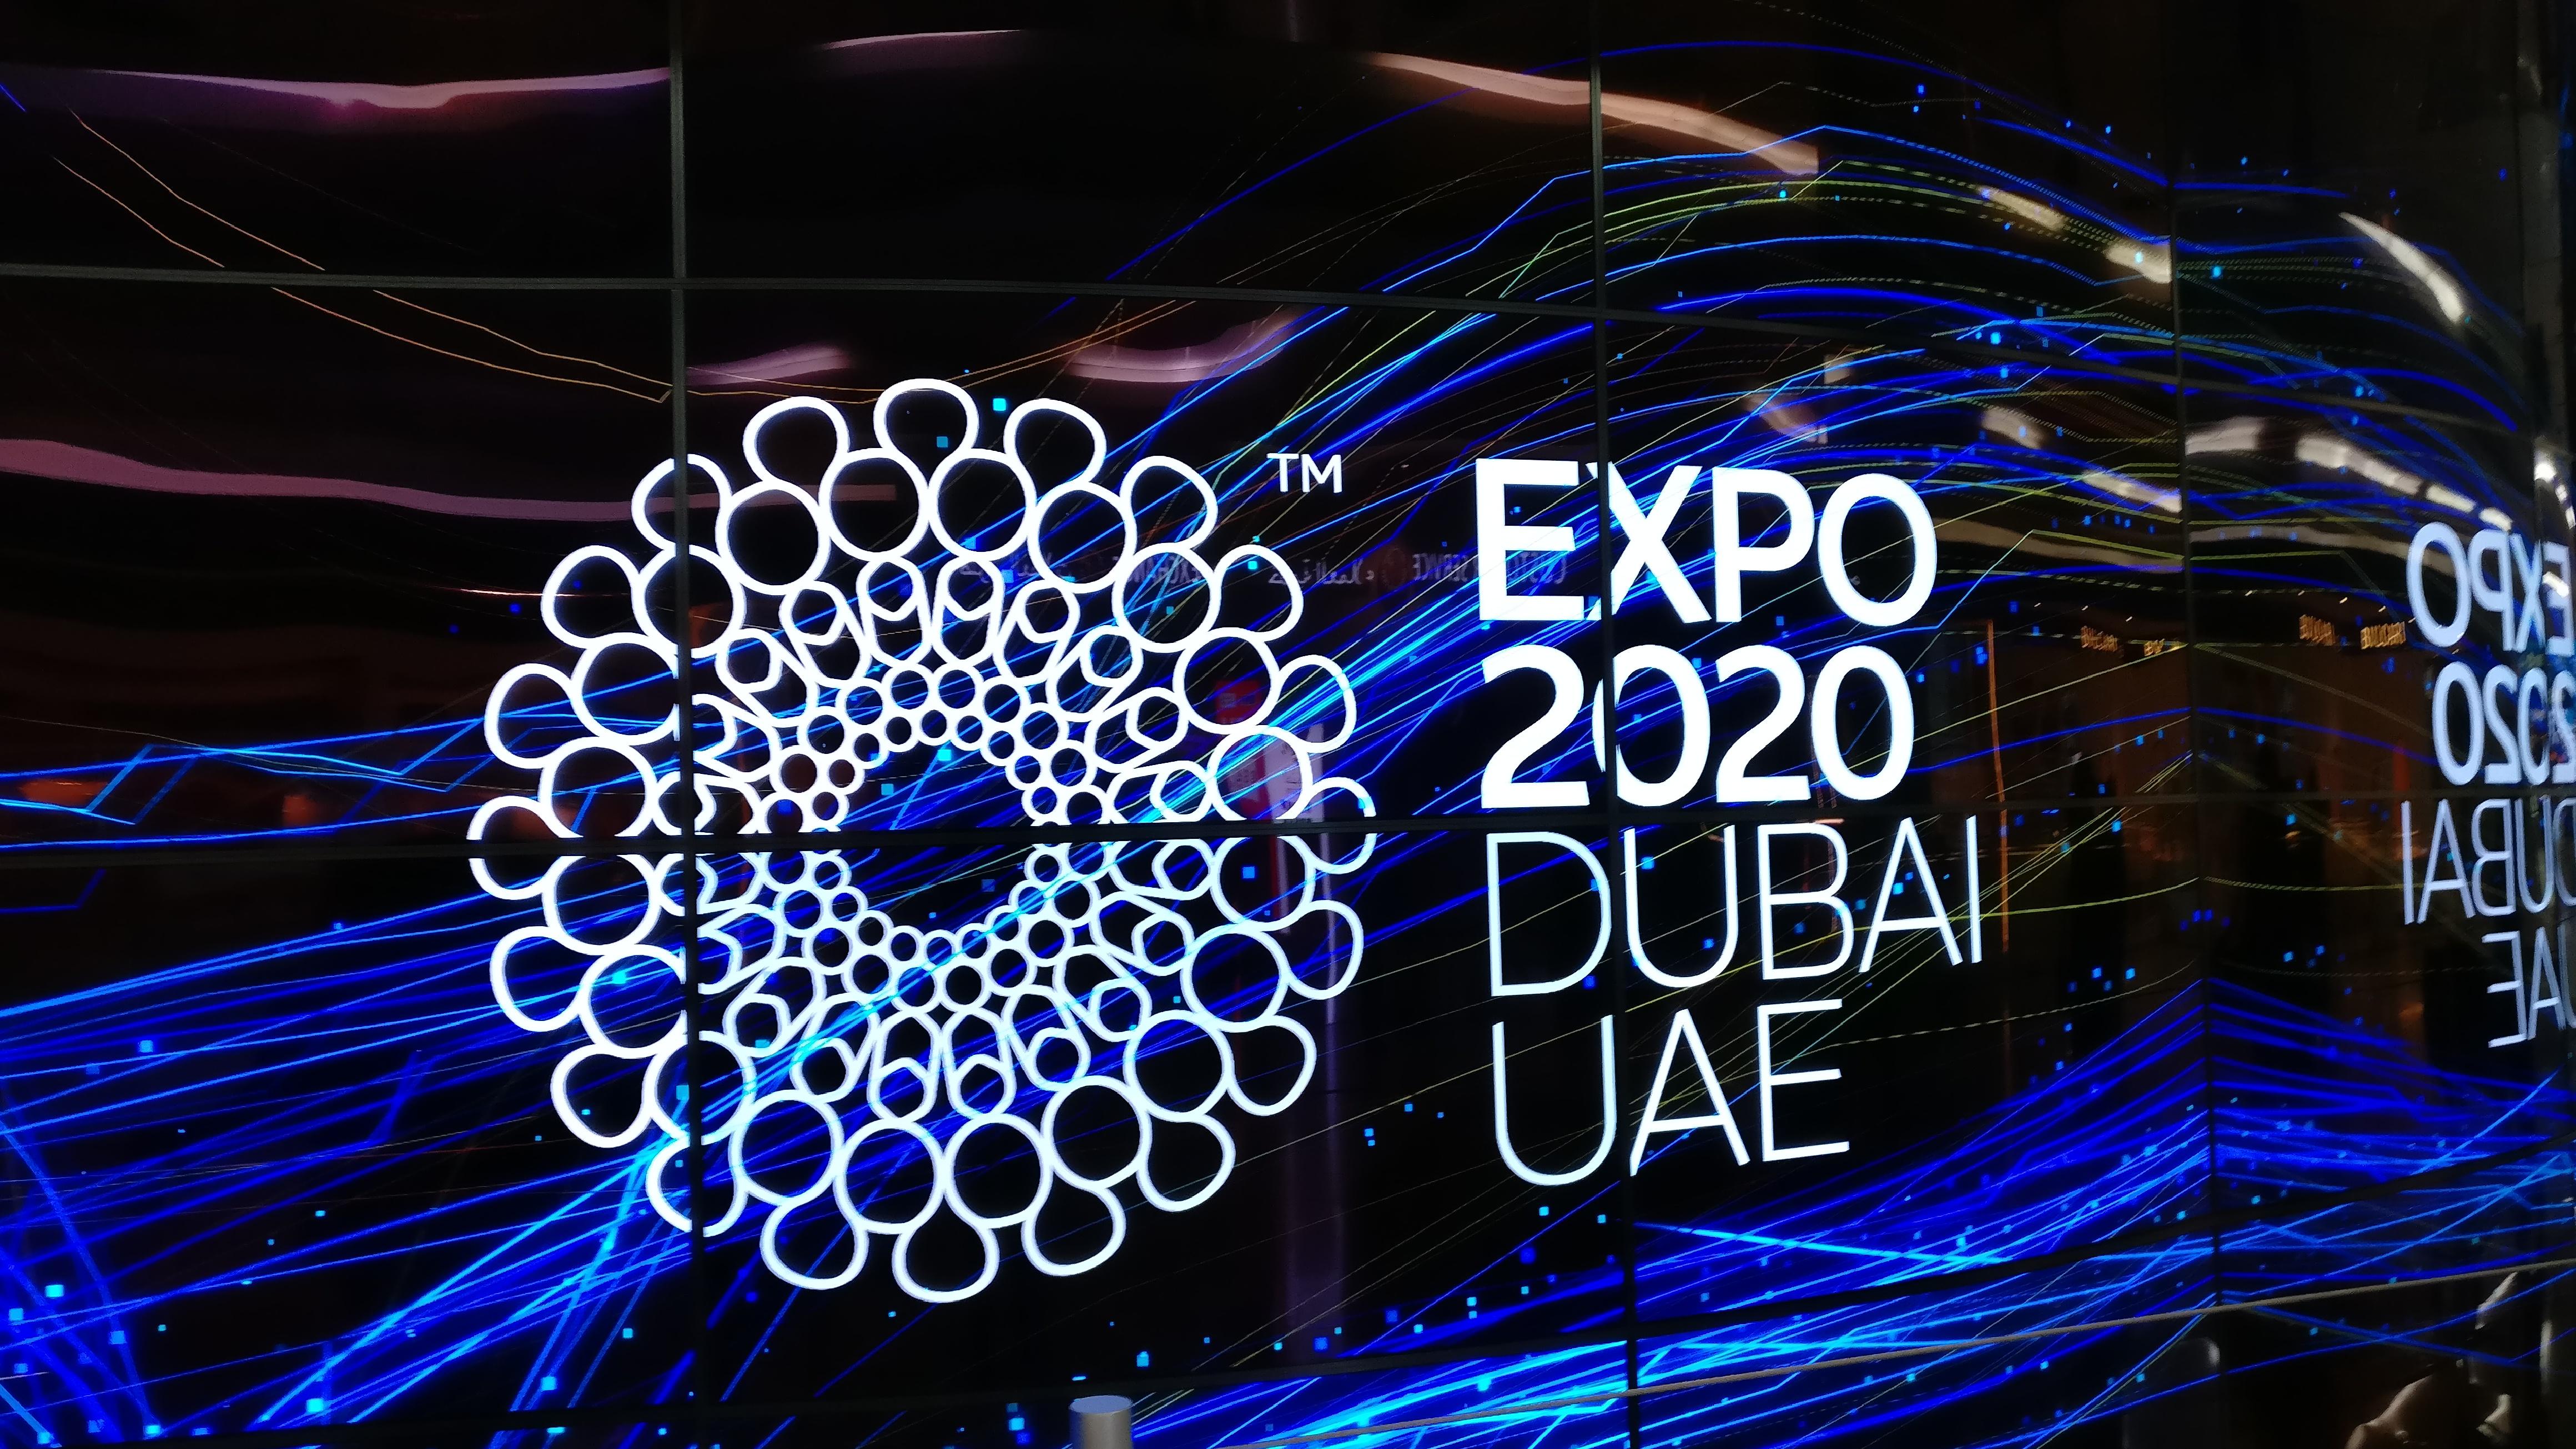 Logo of World Expo 2020